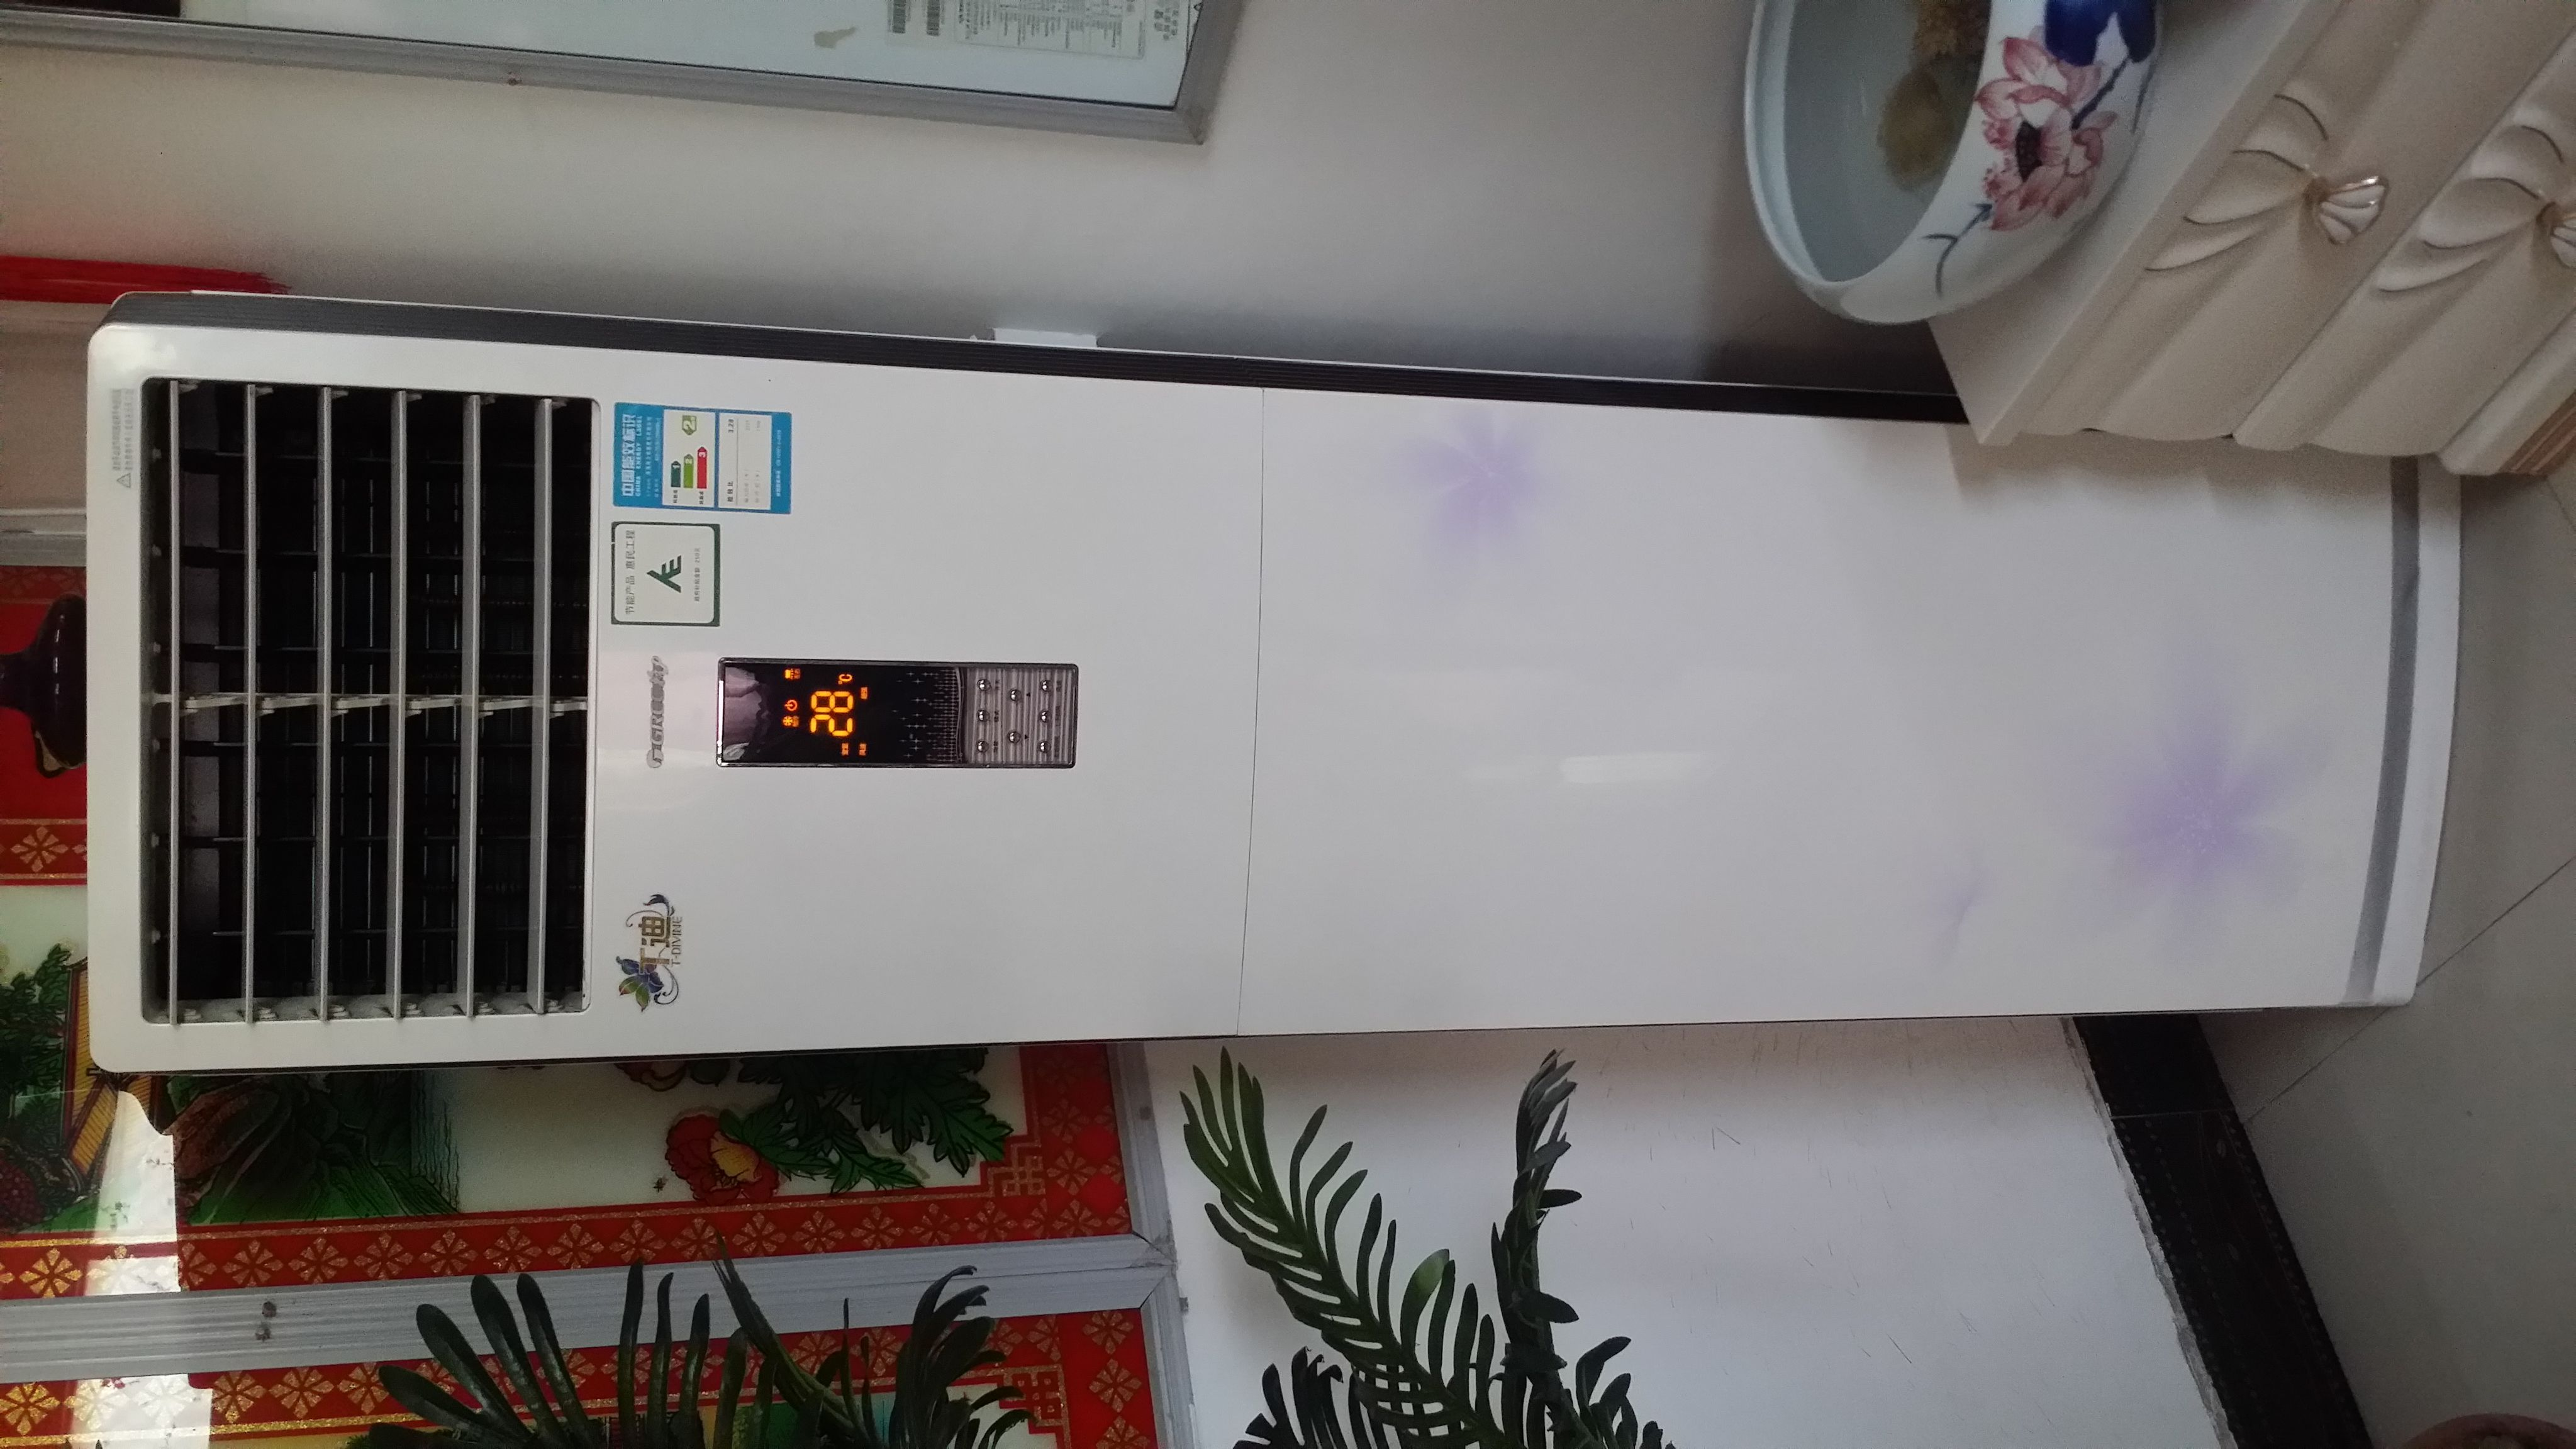 格力空调t迪kfr一72lw(72579)fnba一a2柜机1小时要耗多少度电